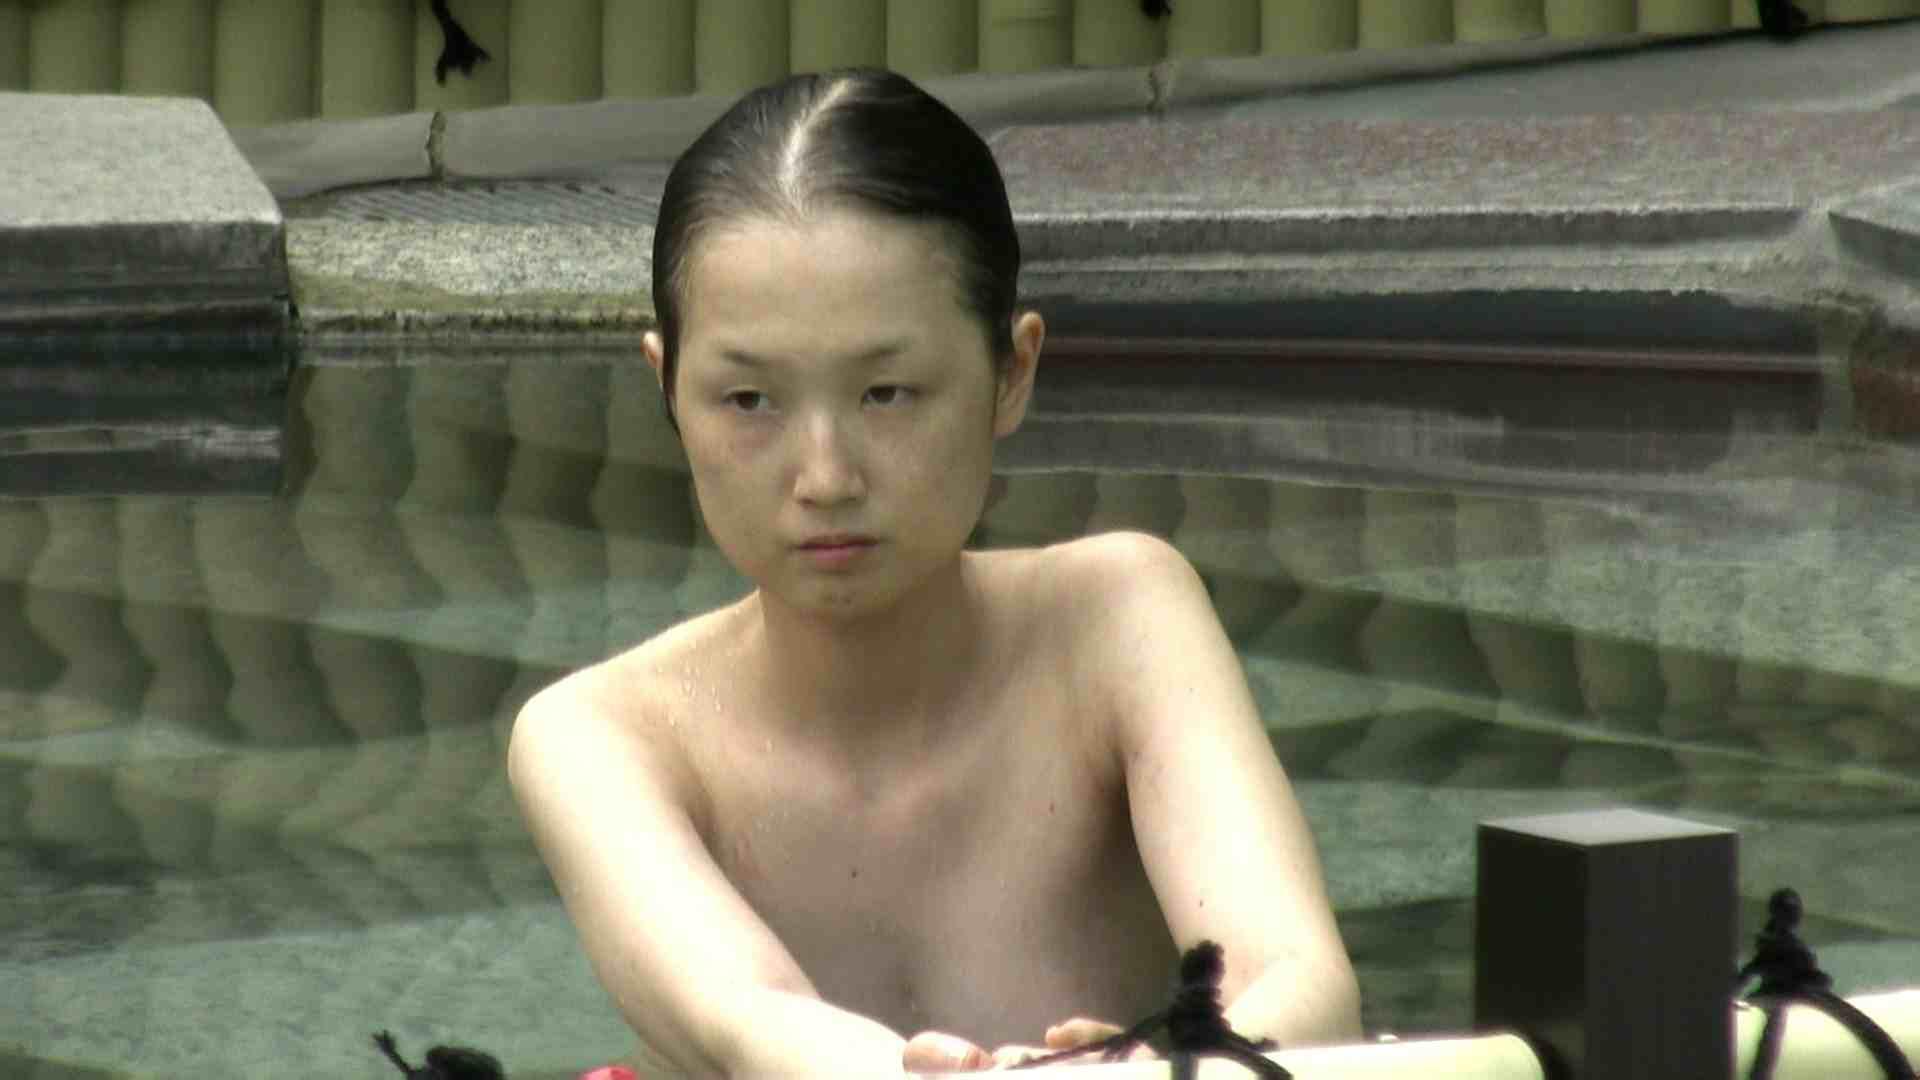 Aquaな露天風呂Vol.661 盗撮 性交動画流出 105画像 44